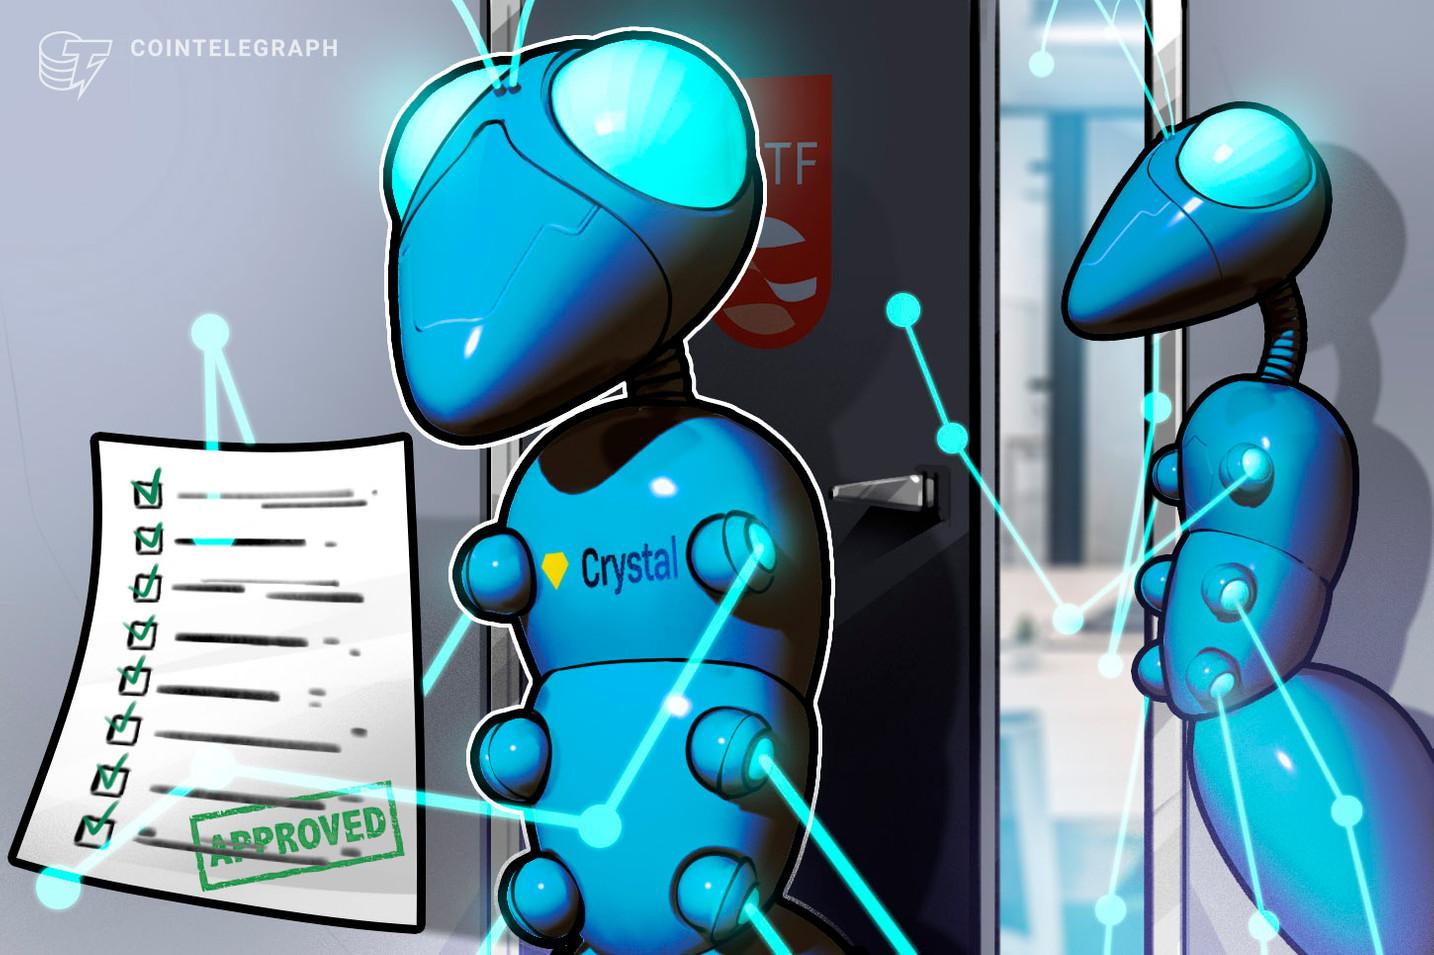 Regulierungsanforderungen immer strenger: Kryptobörsen sollten Vorschriften einhalten